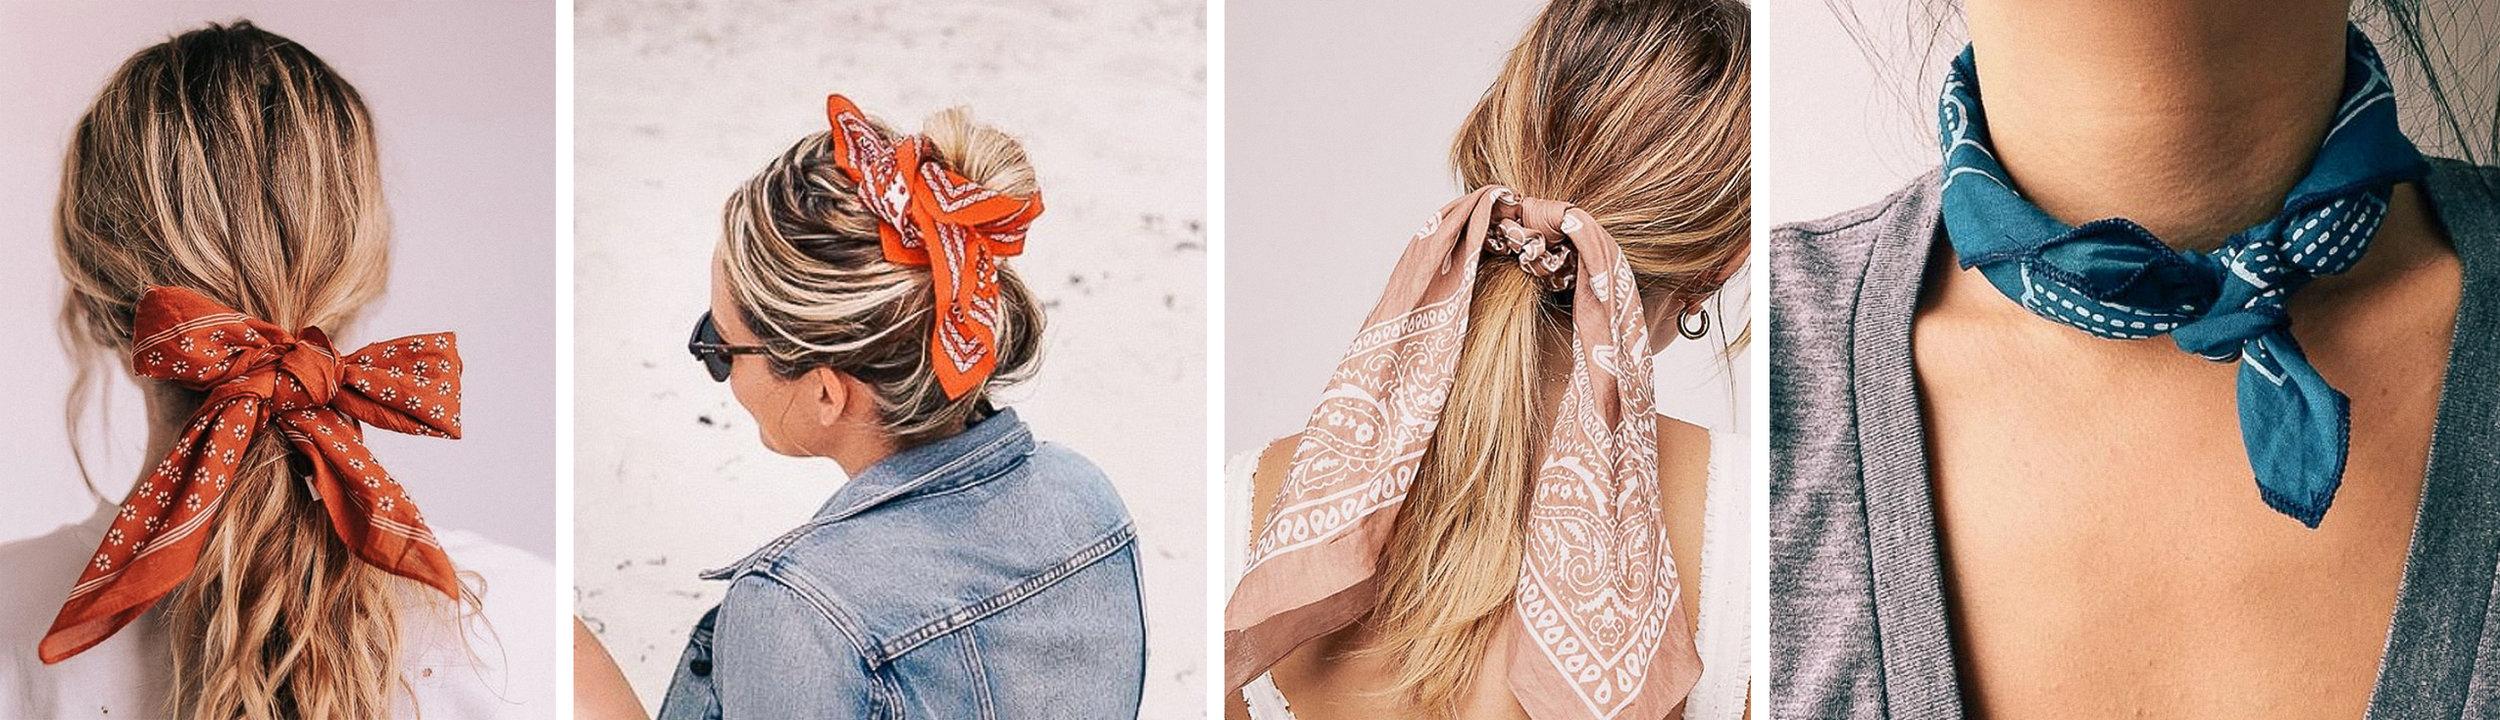 fizz-fade-wear-bandana.jpg